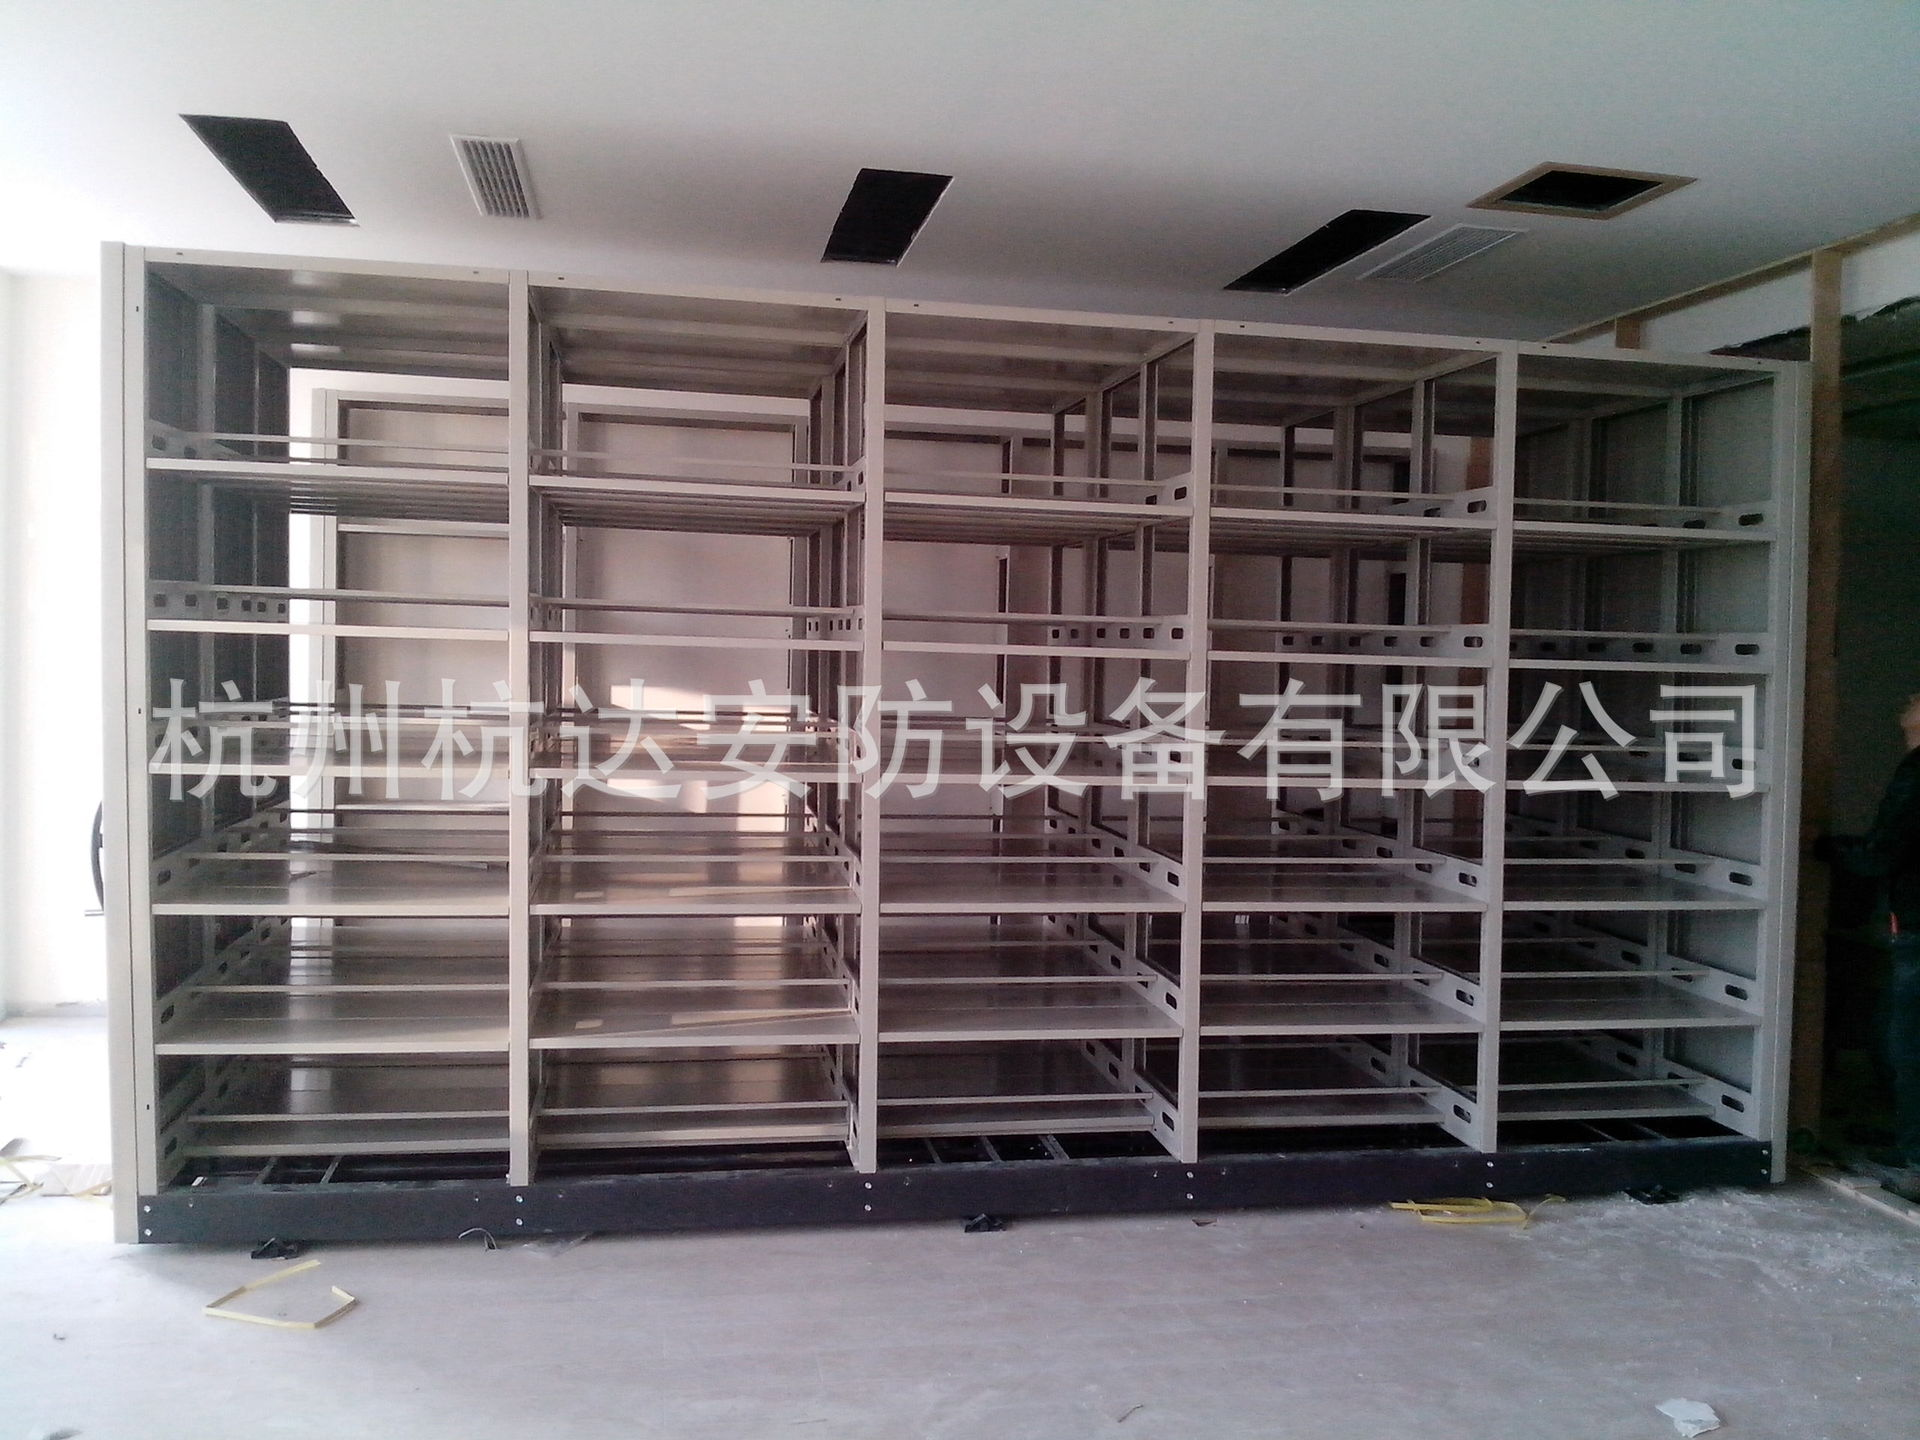 手動移動密集架鋼質文件柜品牌文件柜鋼質辦公家具杭州密集柜廠家